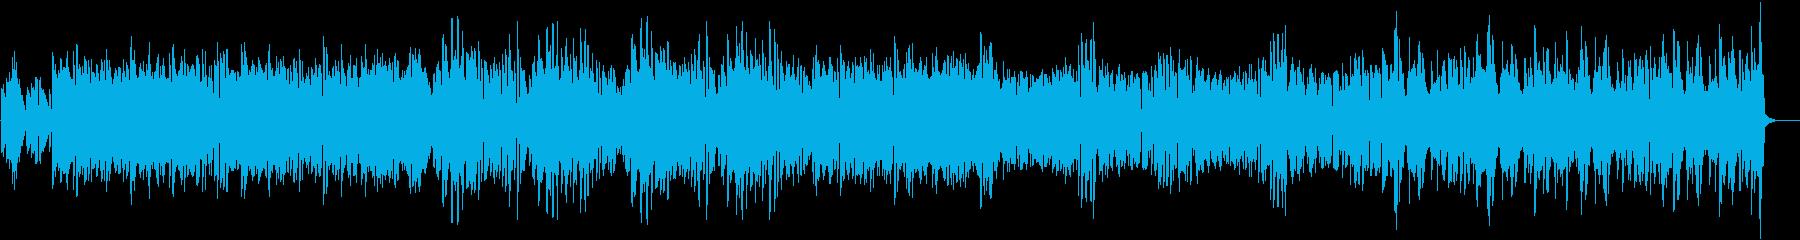 パイン・アップル・ラグ【ピアノ名曲】の再生済みの波形